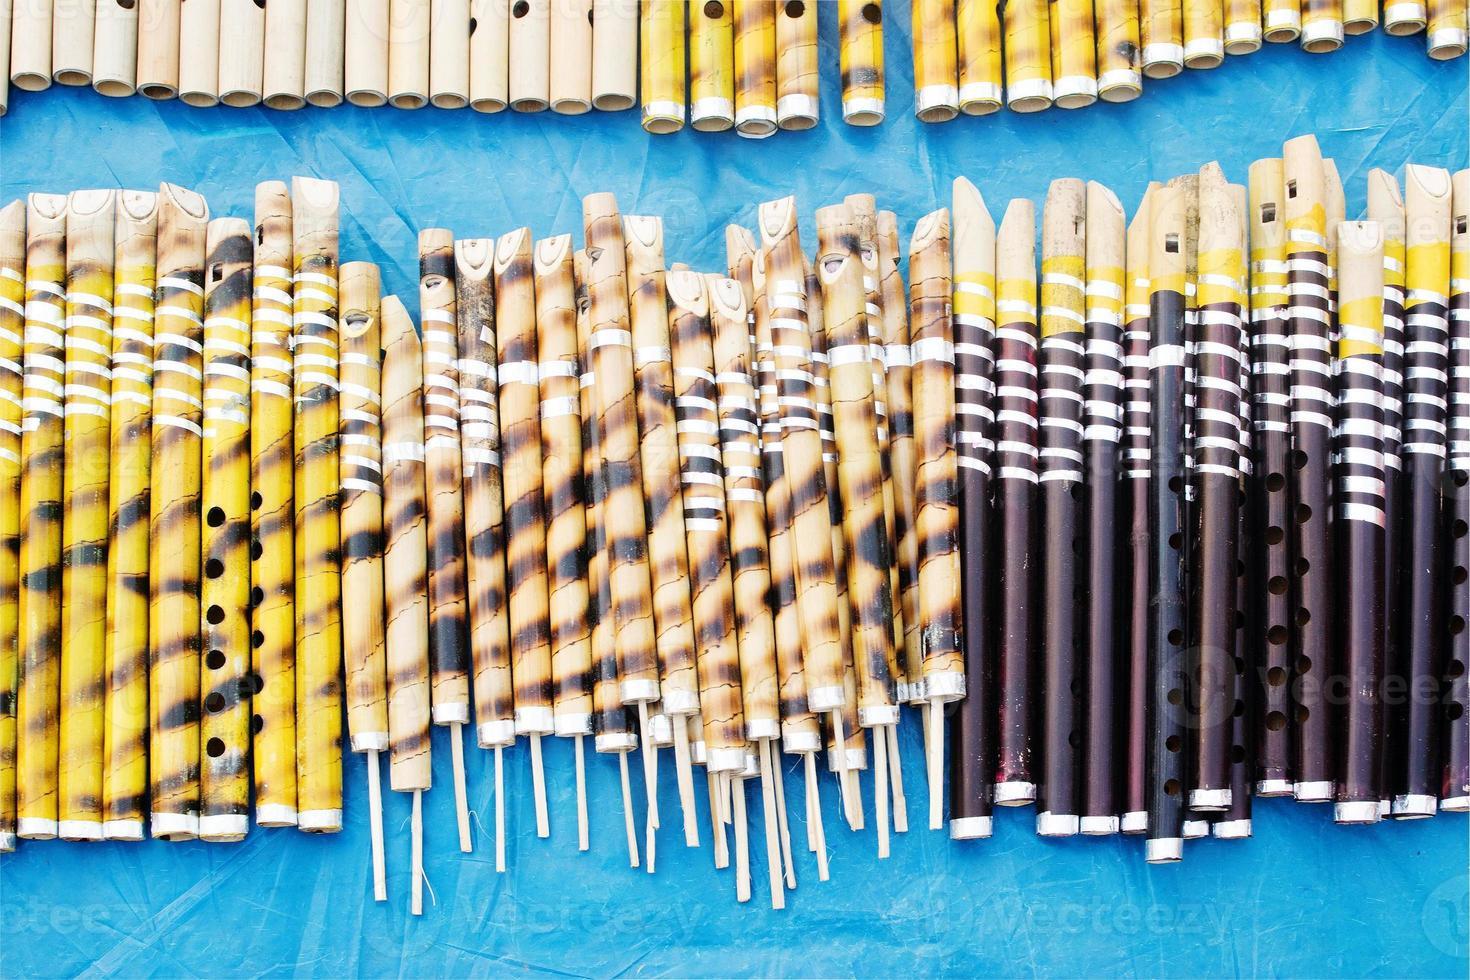 flauti di bambù, fiera dell'artigianato indiano a Calcutta foto